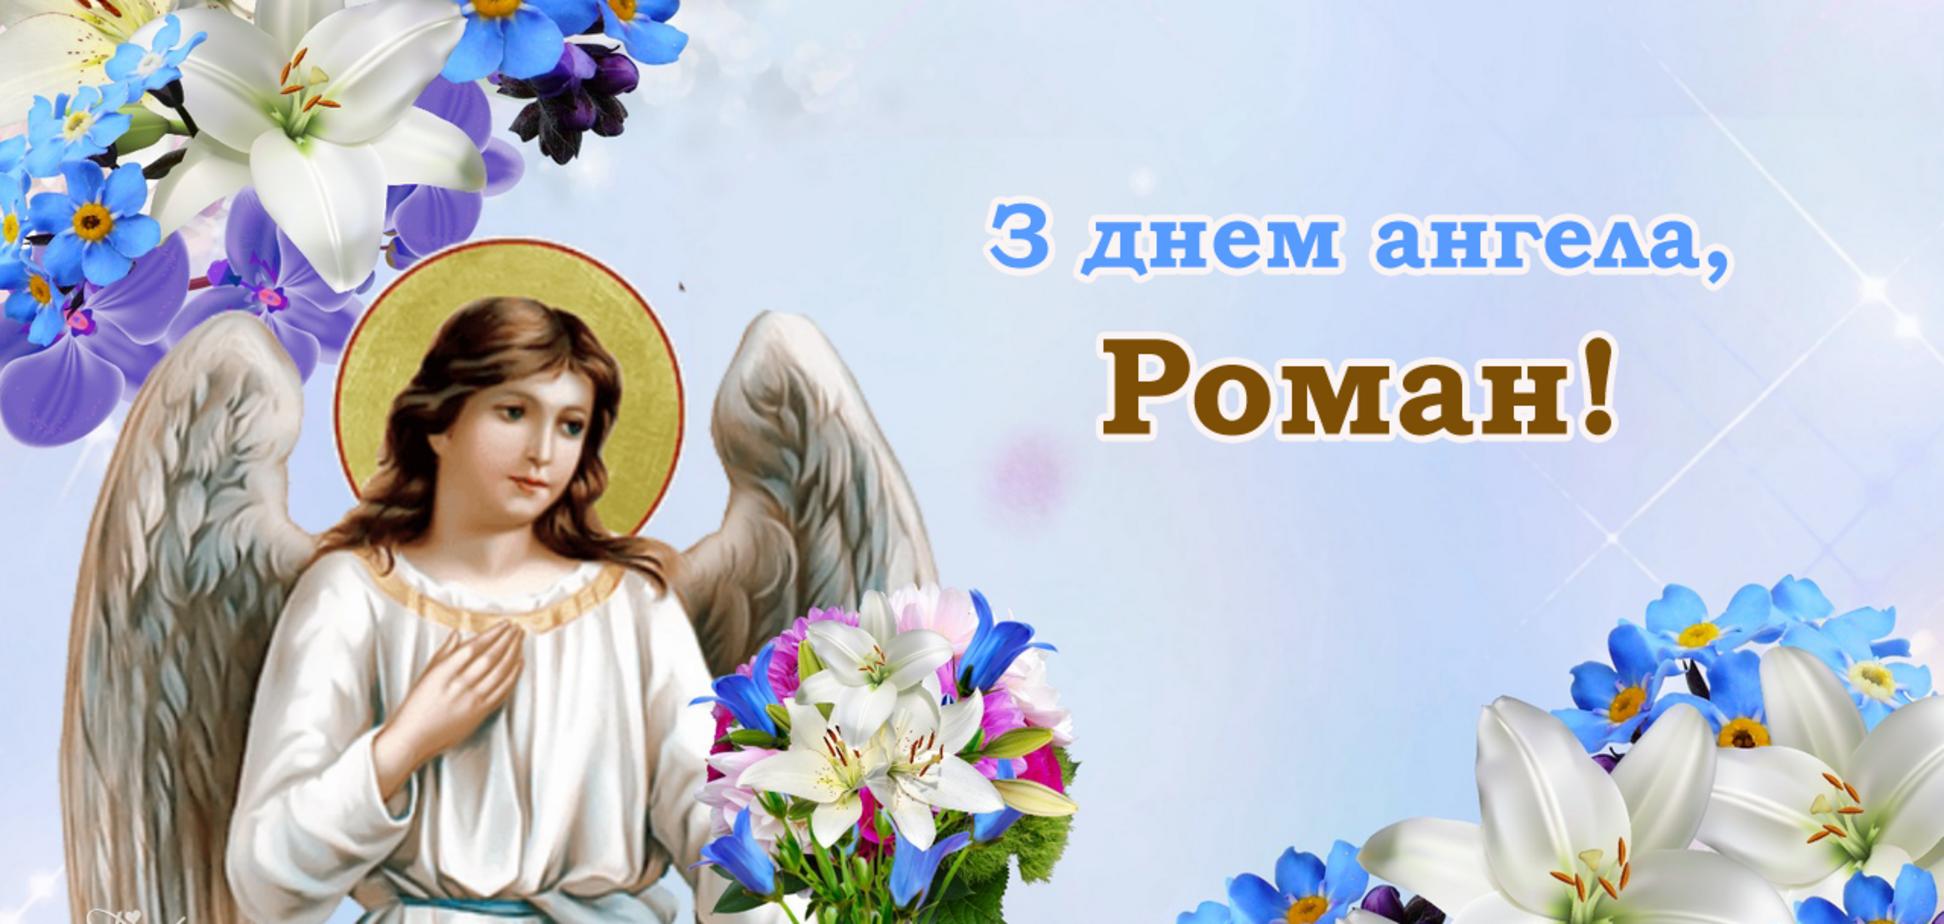 День ангела Романа - привітання